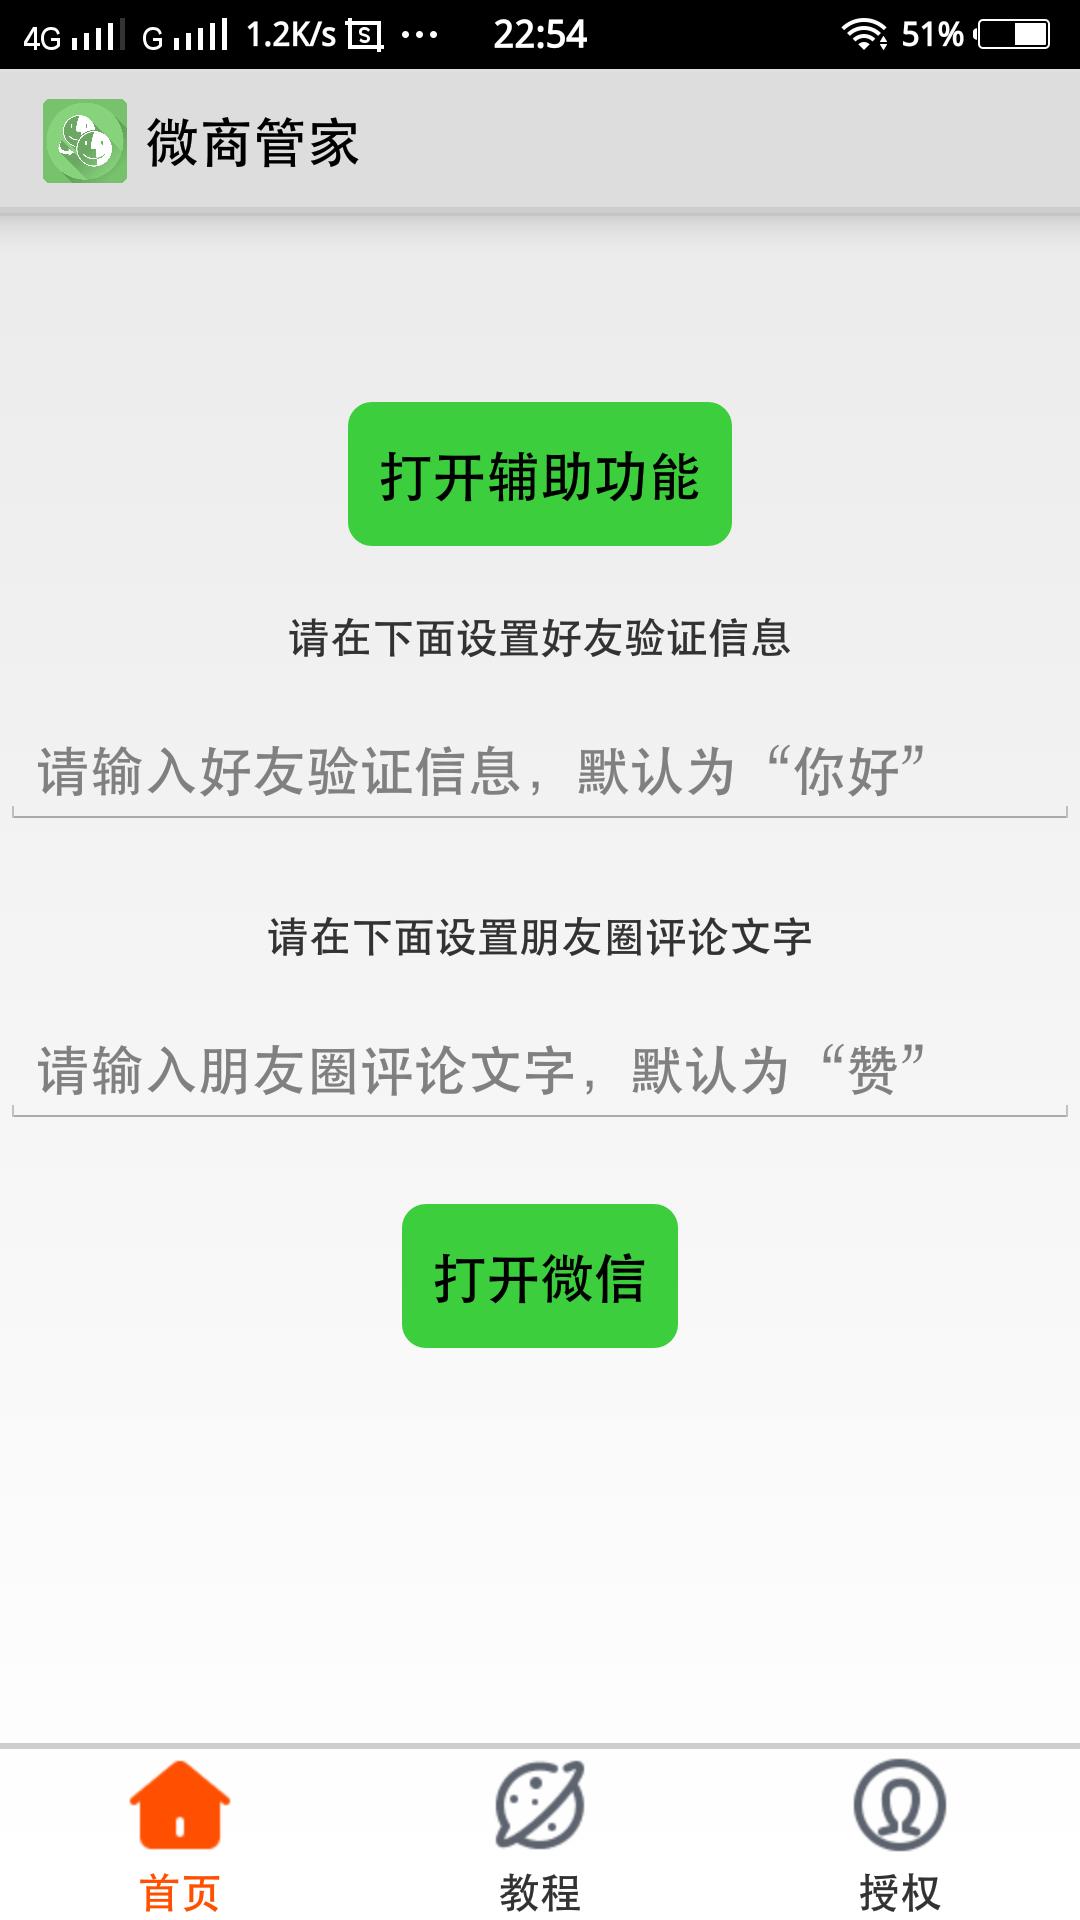 微信转发小视频软件微商管家2.0及7.0免费版带注册机第1张-菜鸟分享